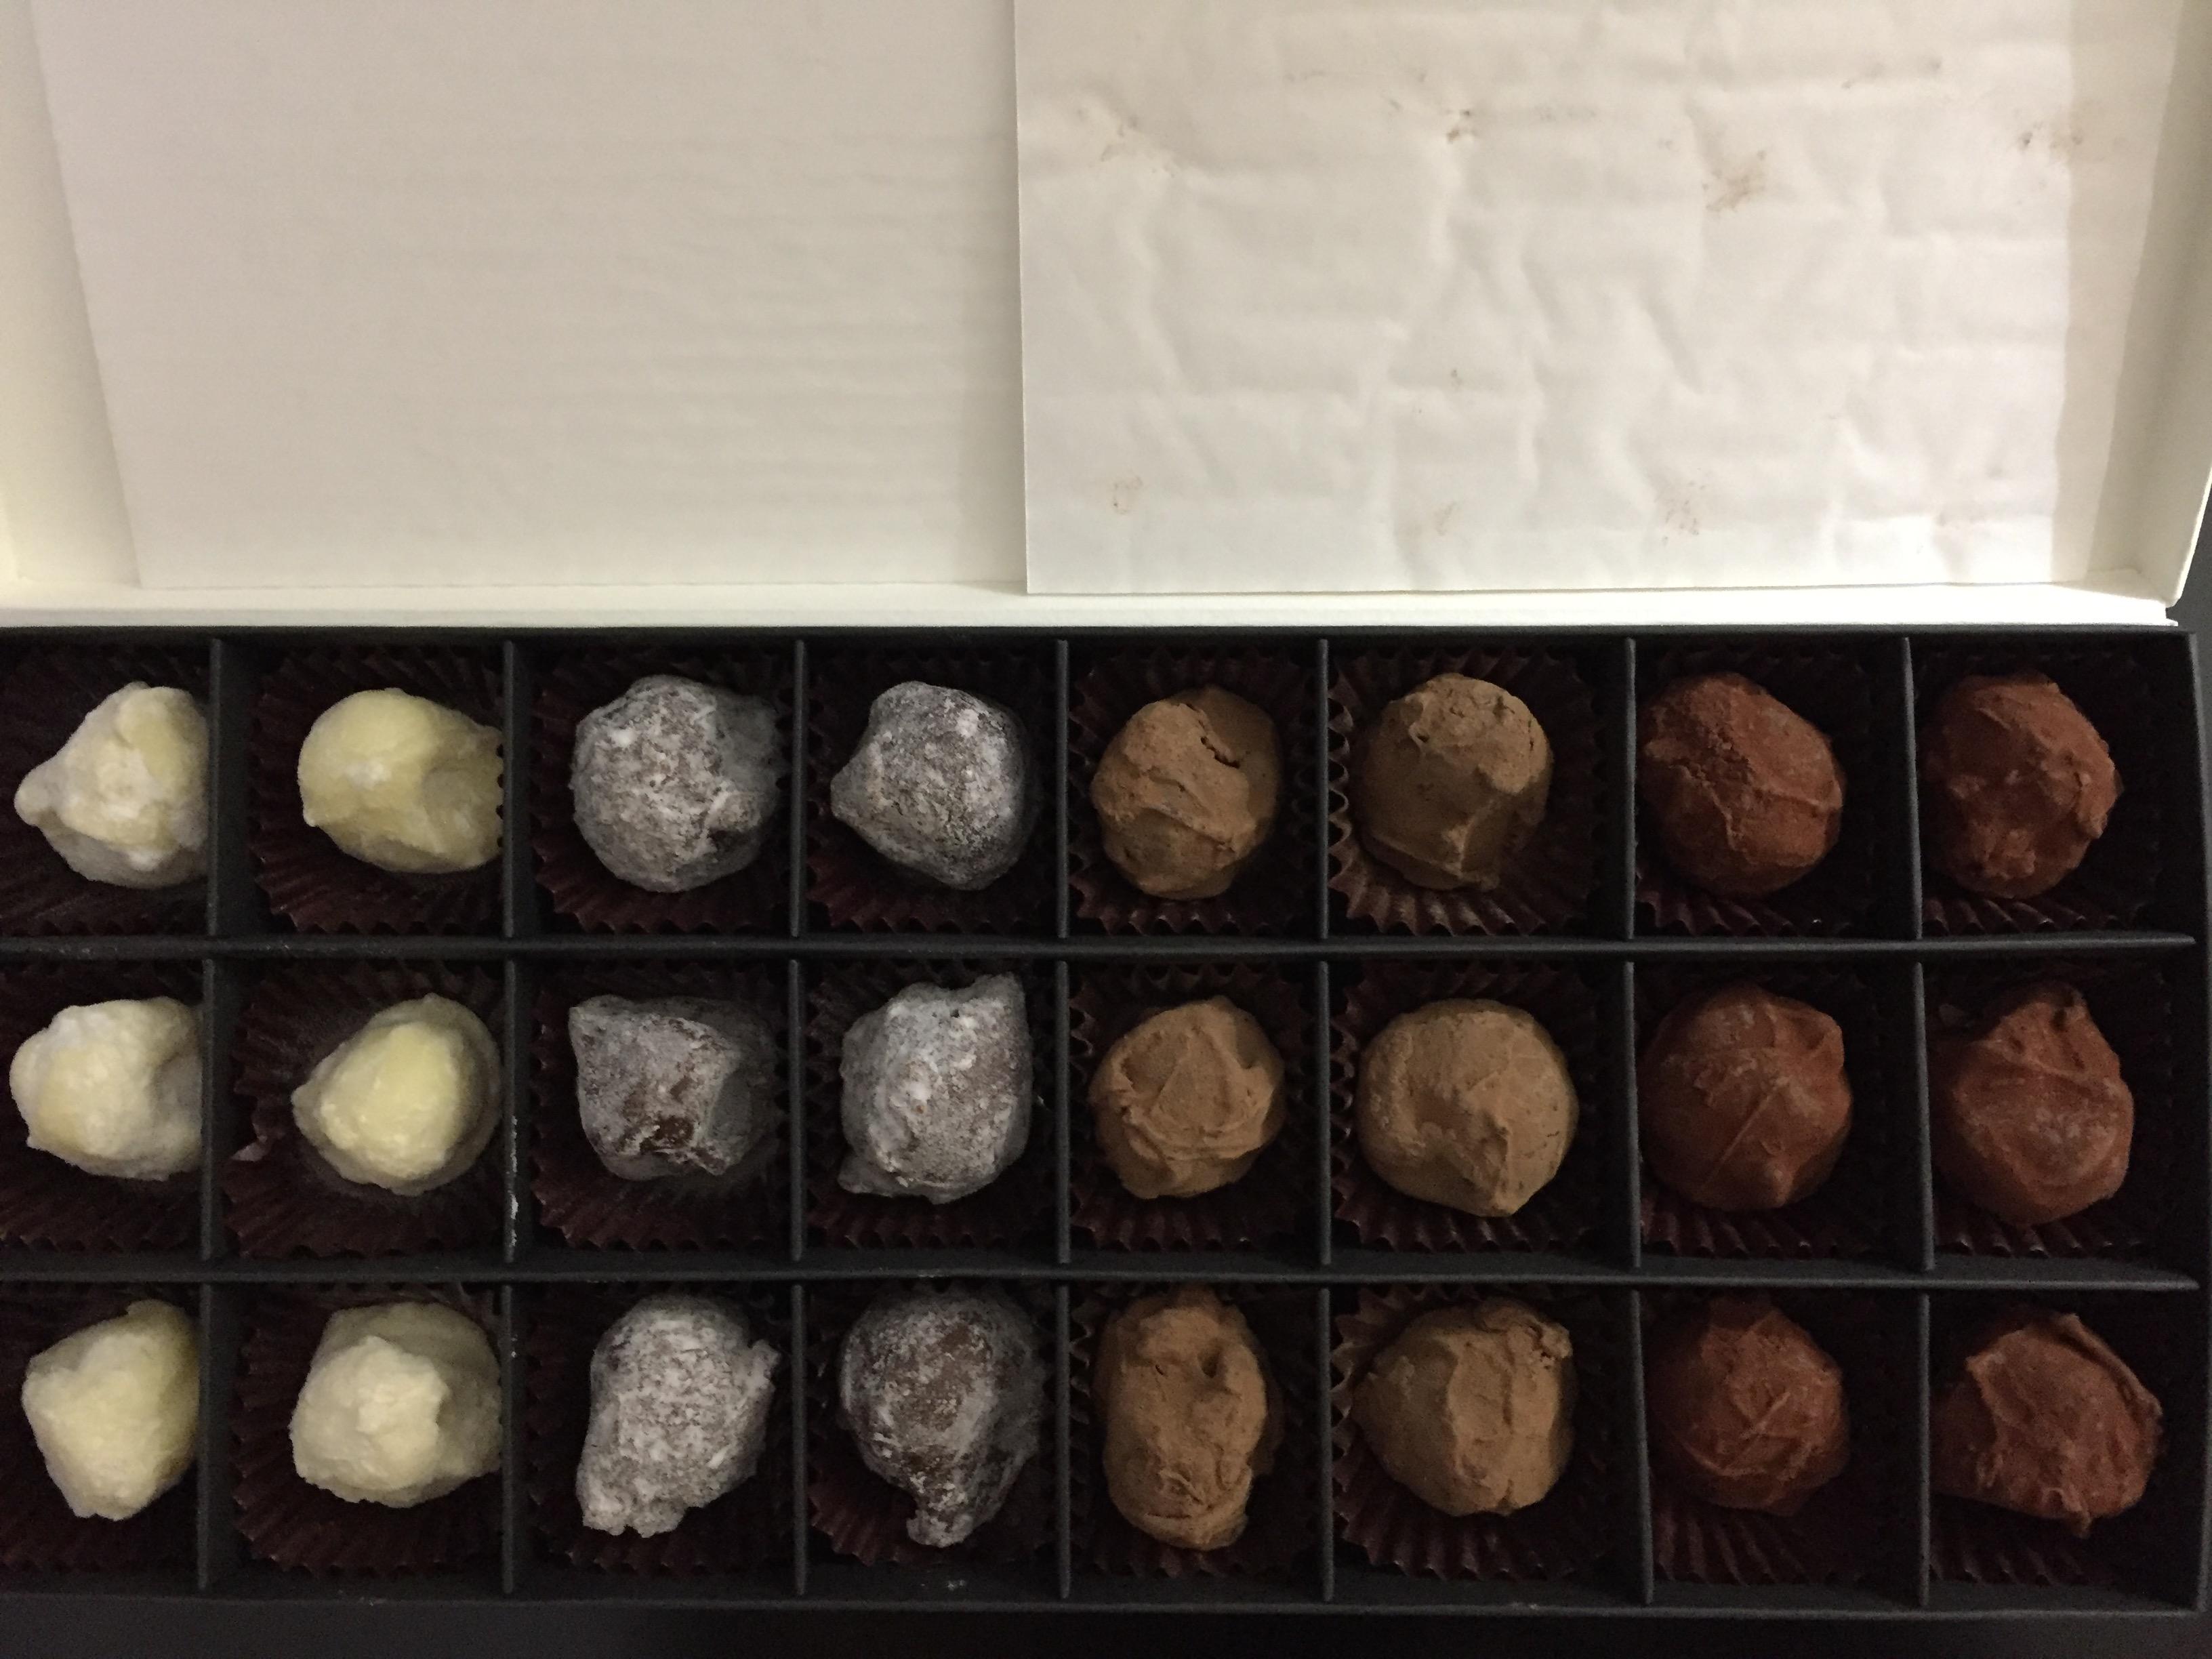 イヴァン・ヴァレンティン:プライベートチョコレート